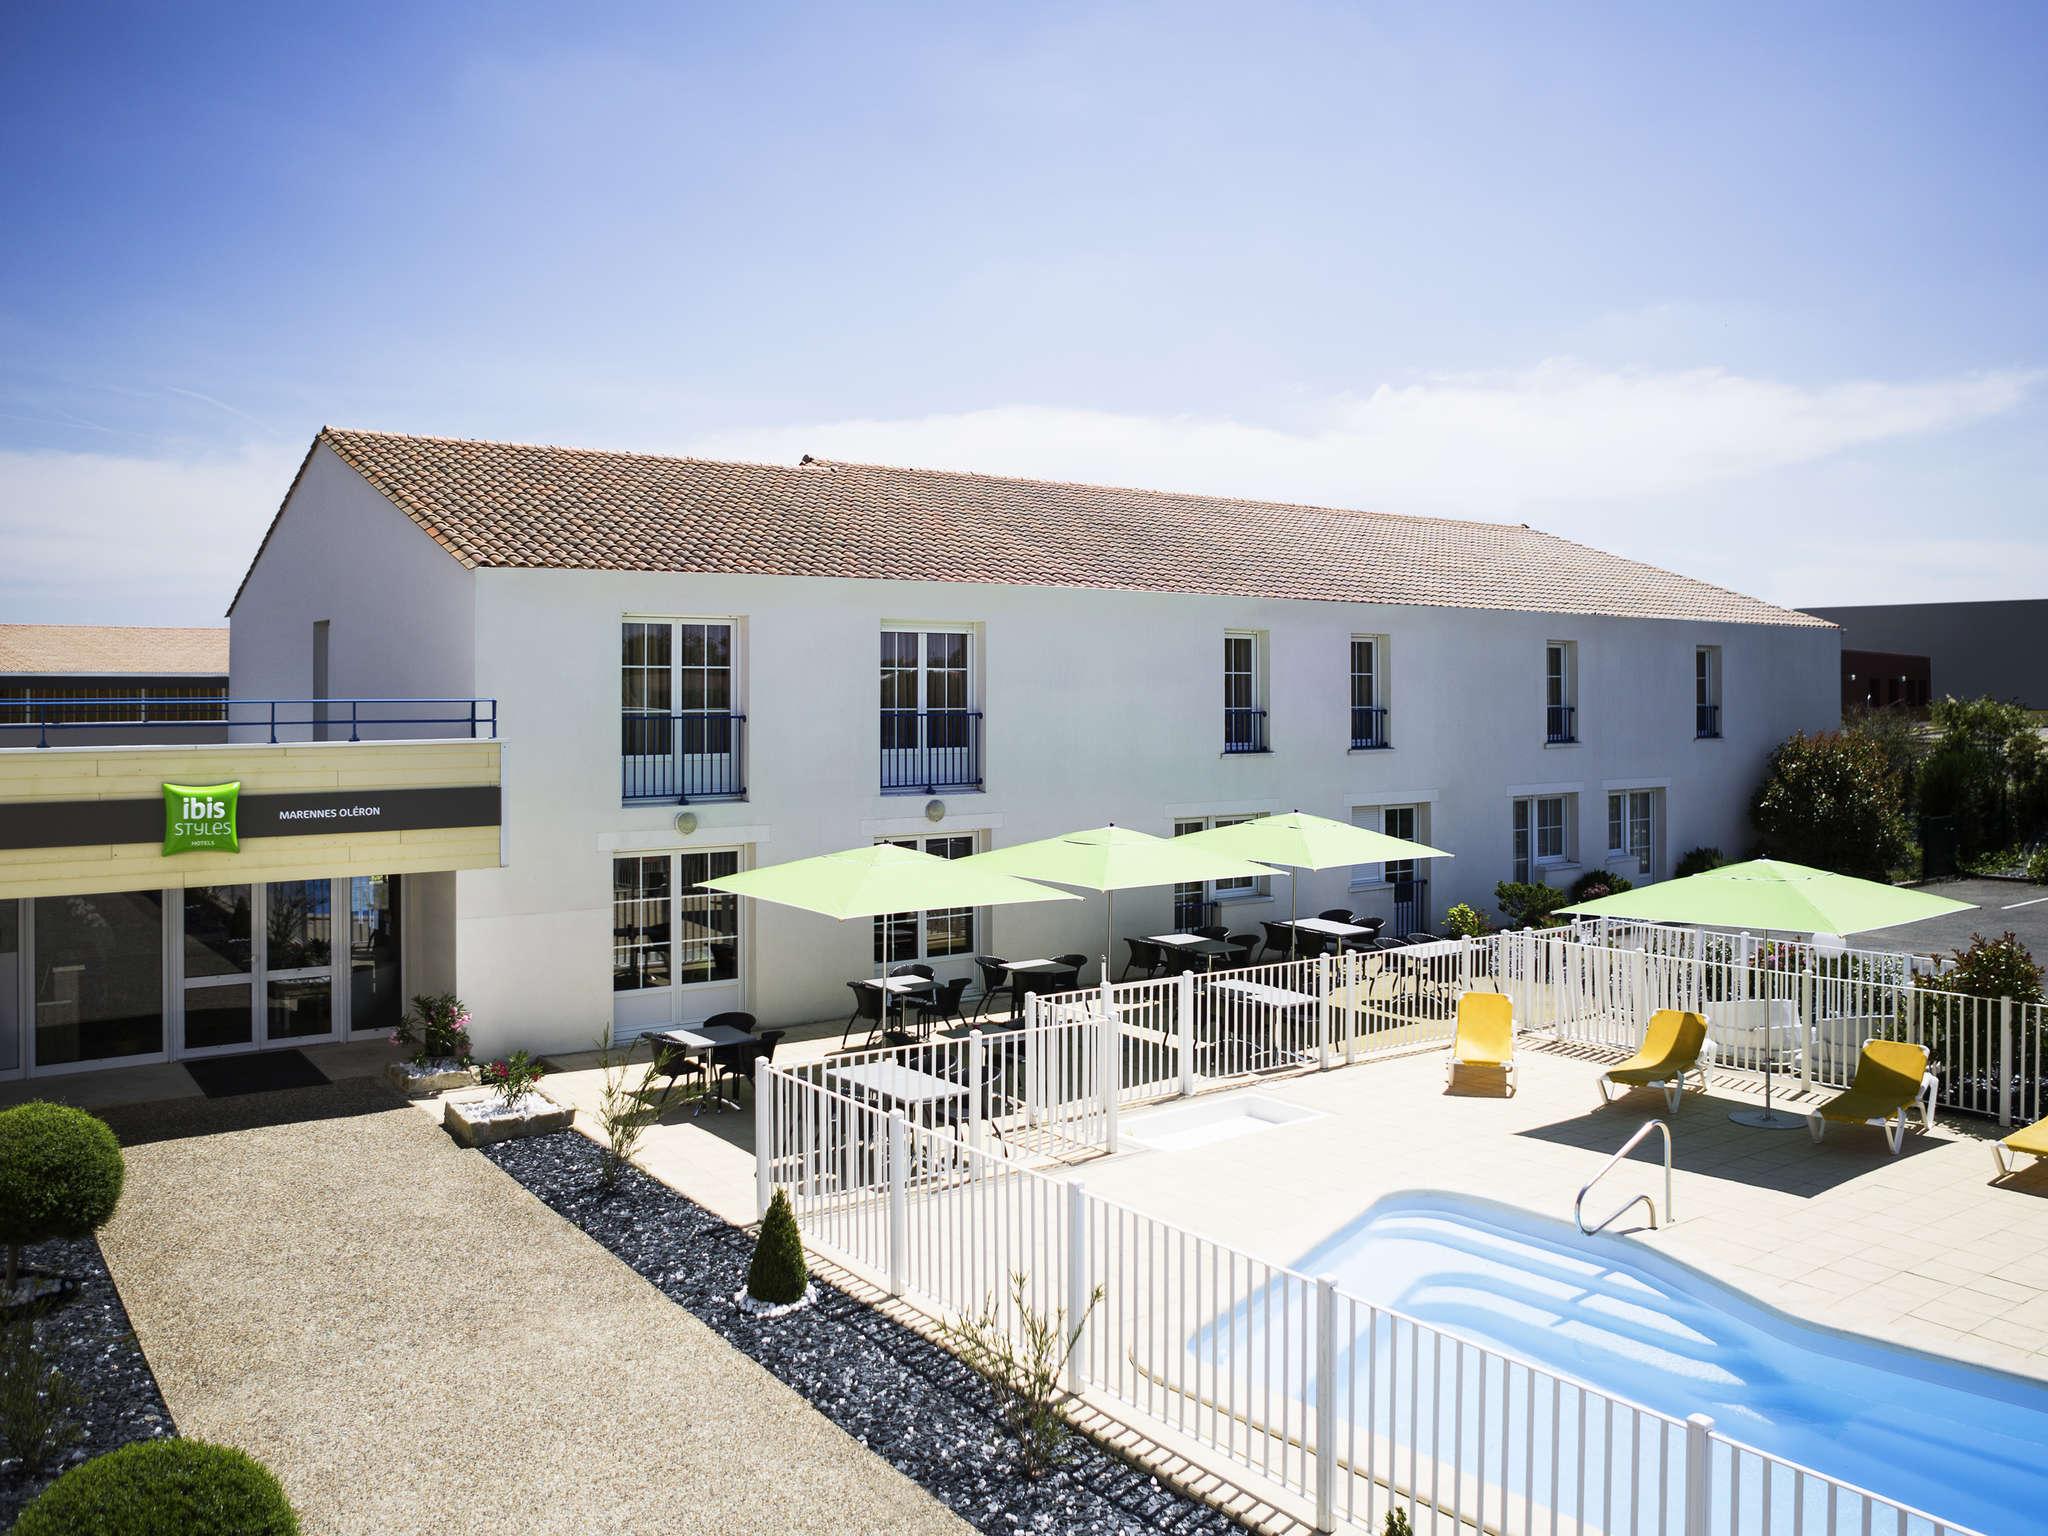 Hotel – ibis Styles Marennes-Oléron